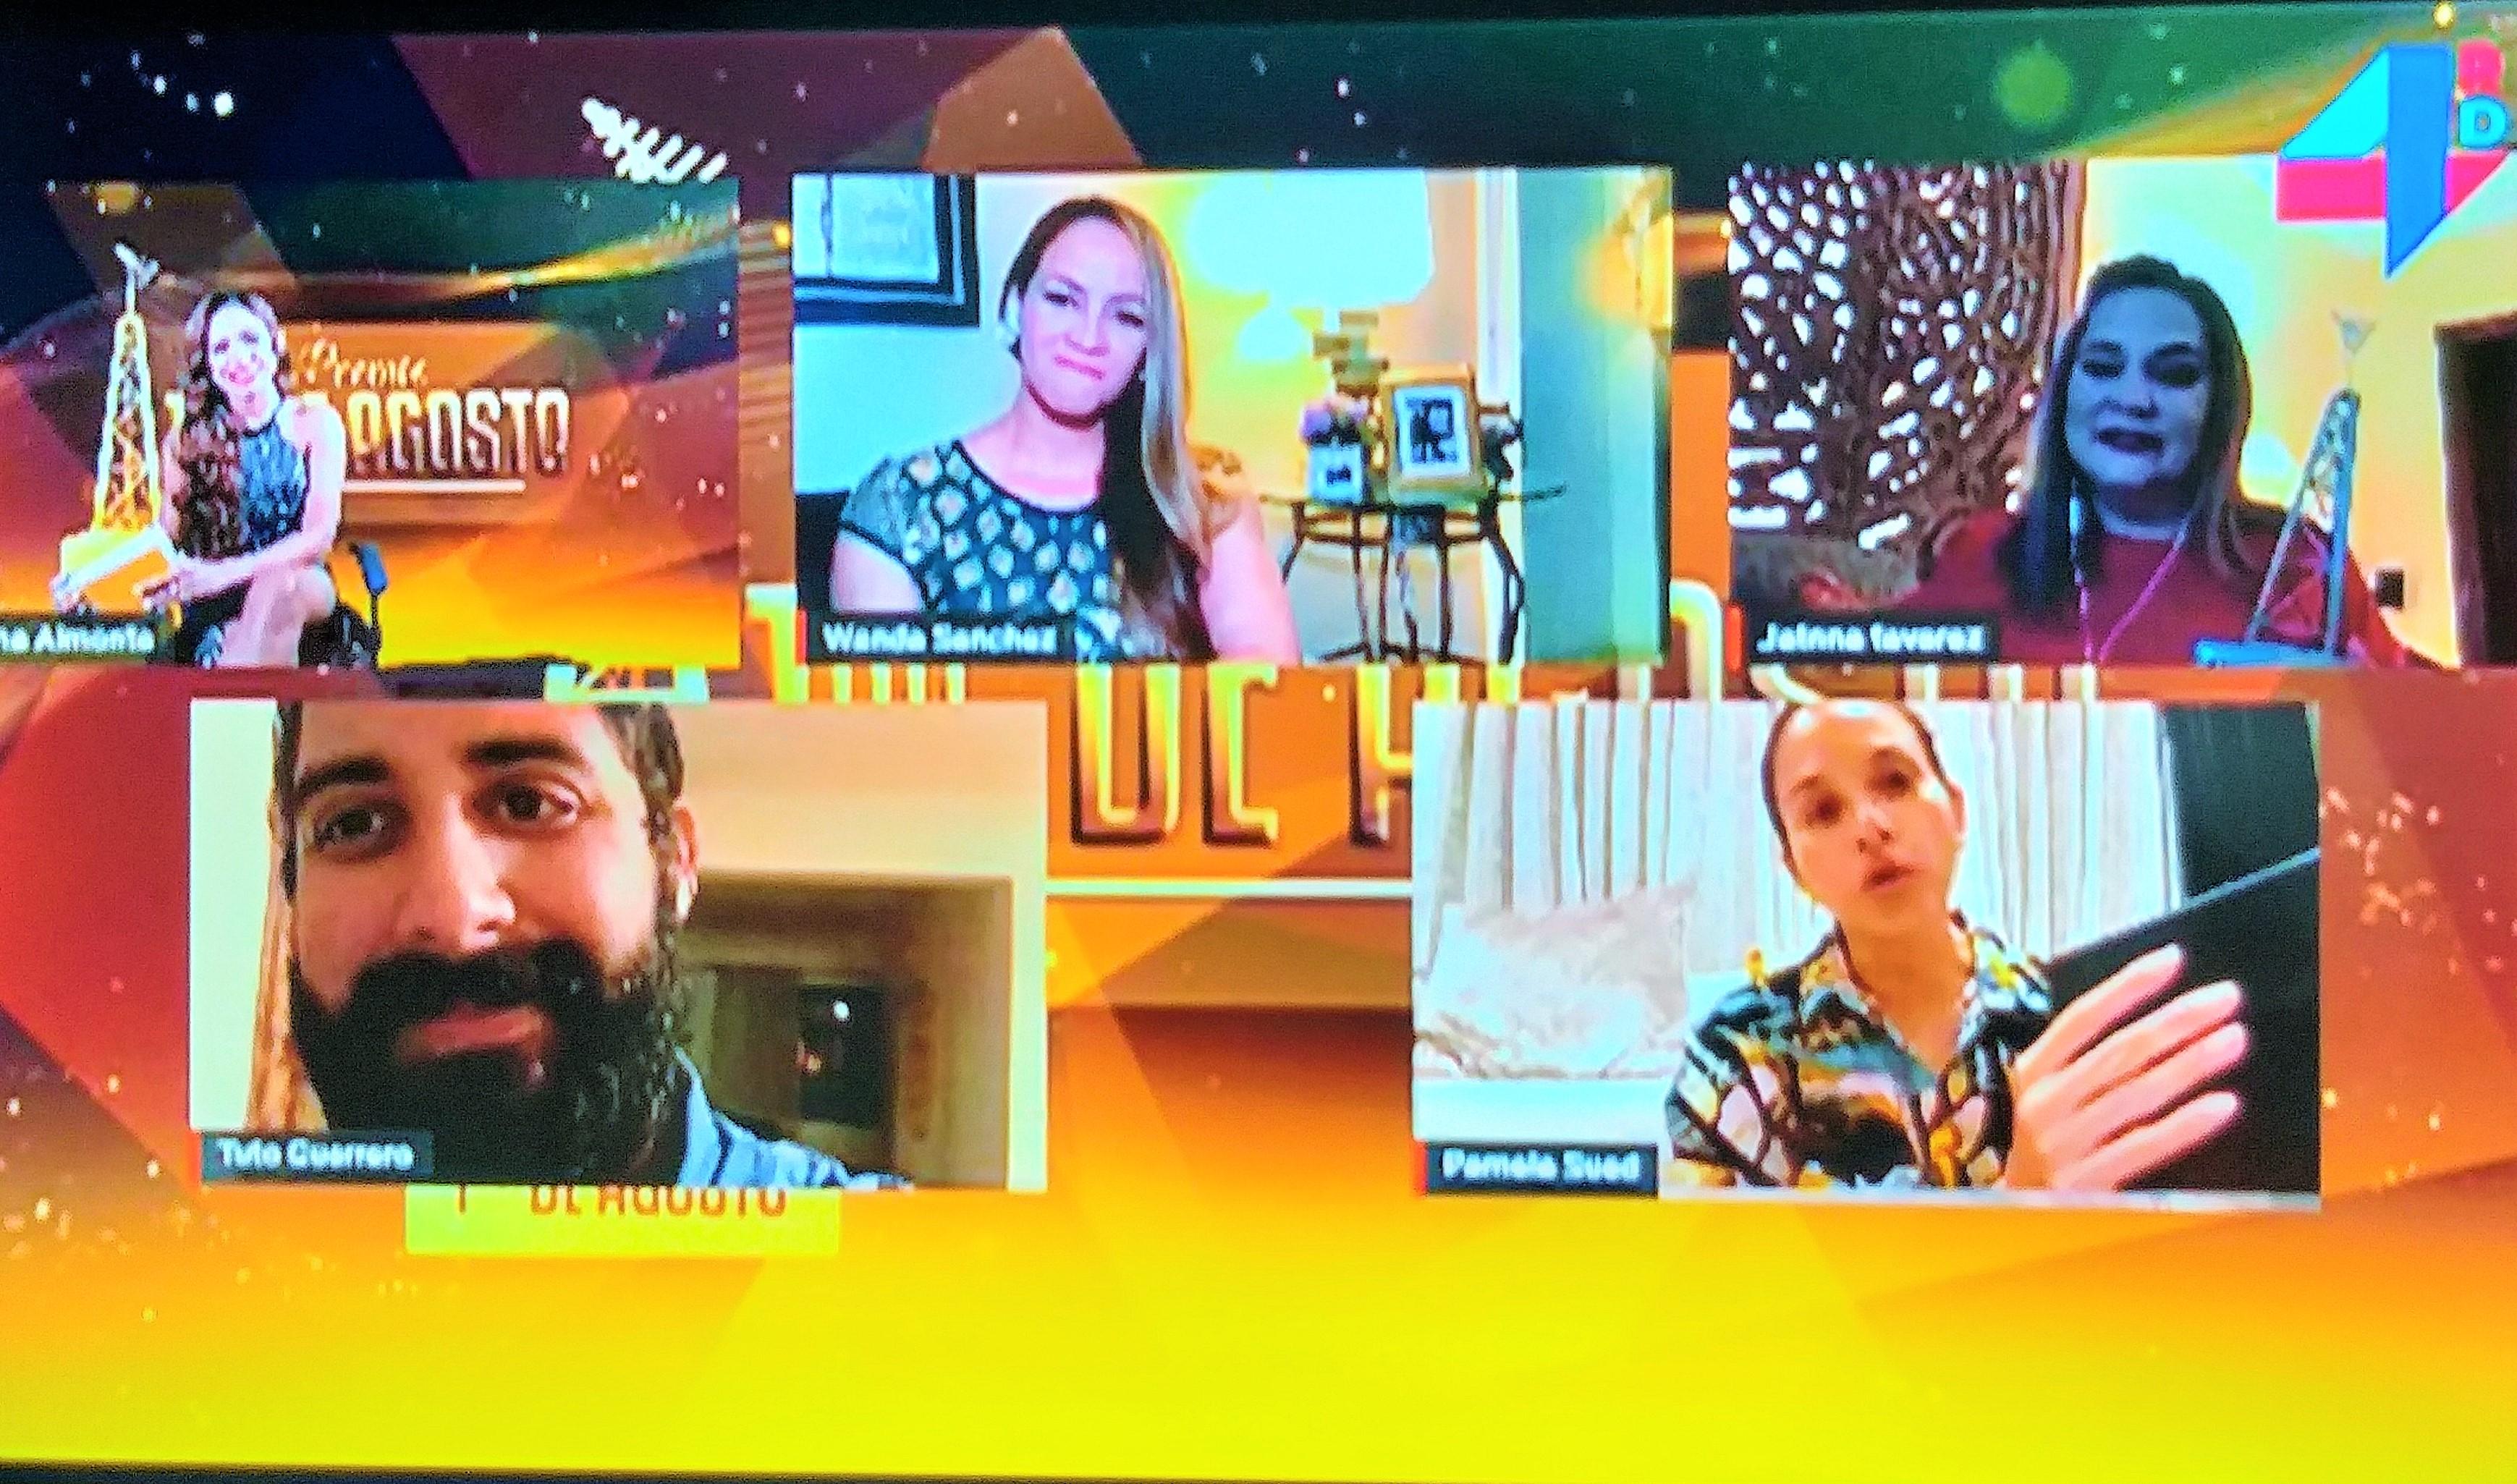 Premios 1ro de Agosto fue el gran homenaje a TV dominicana